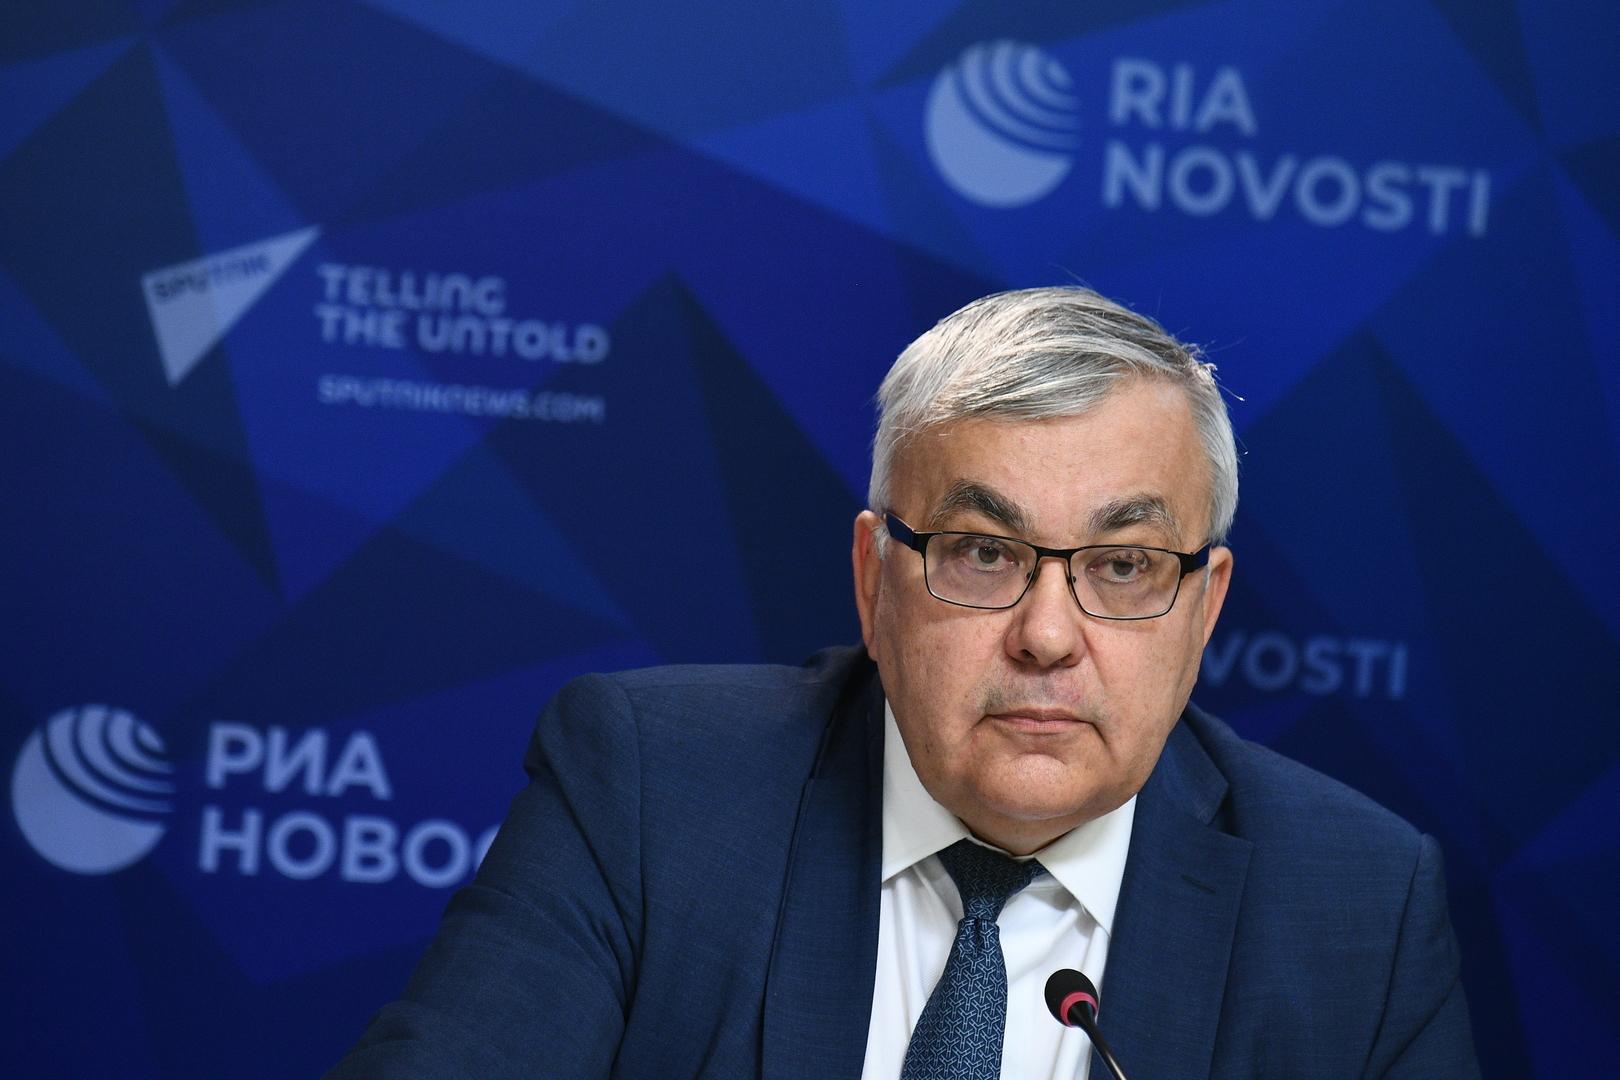 نائب وزير الخارجية الروسي يشير إلى أكثر مشاكل ليبيا حدة ويتطرق للوجود العسكري التركي